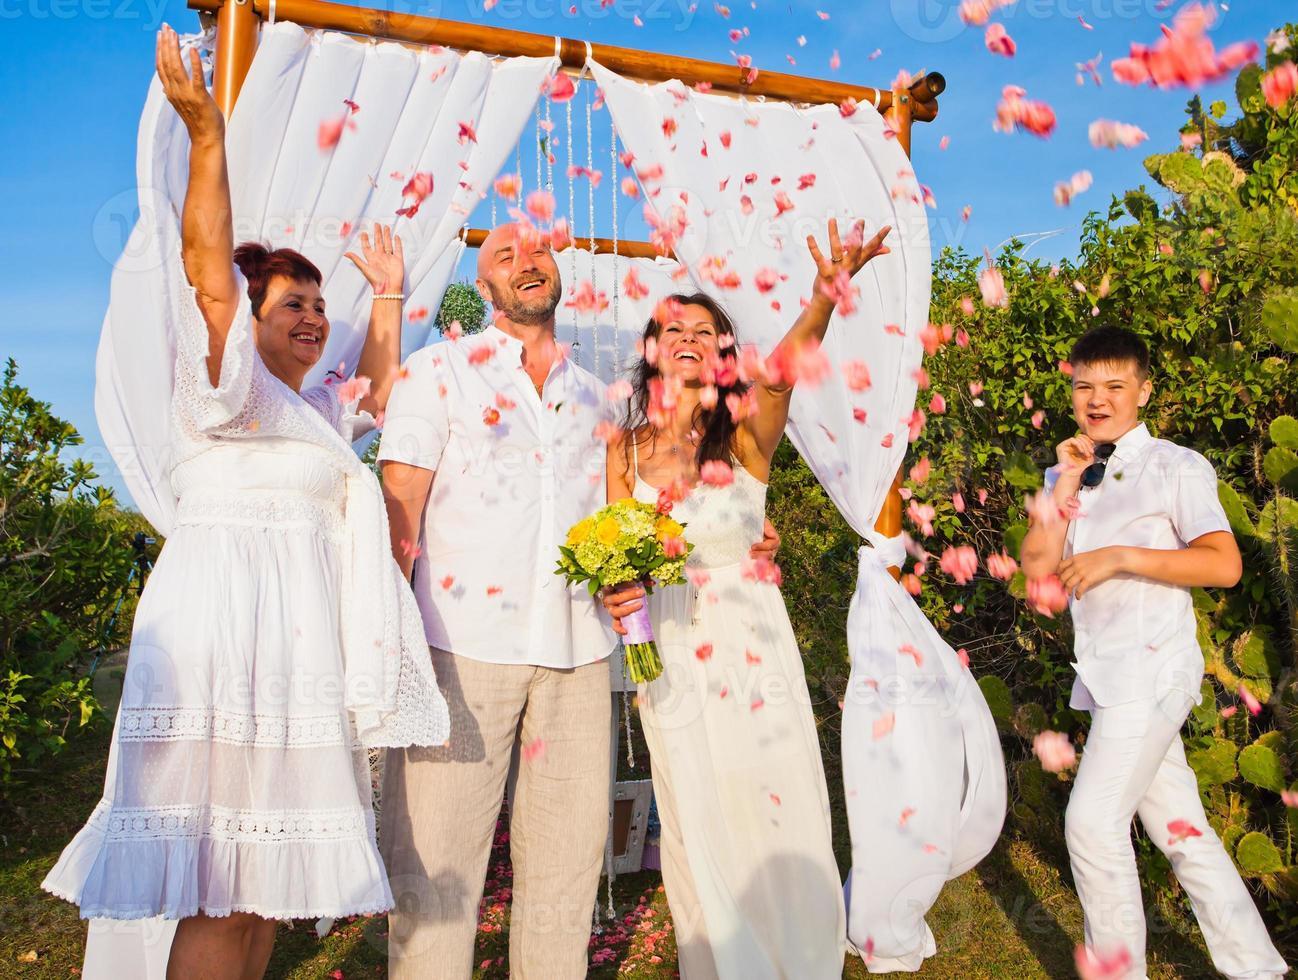 huwelijksceremonie van volwassen paar en hun familie foto